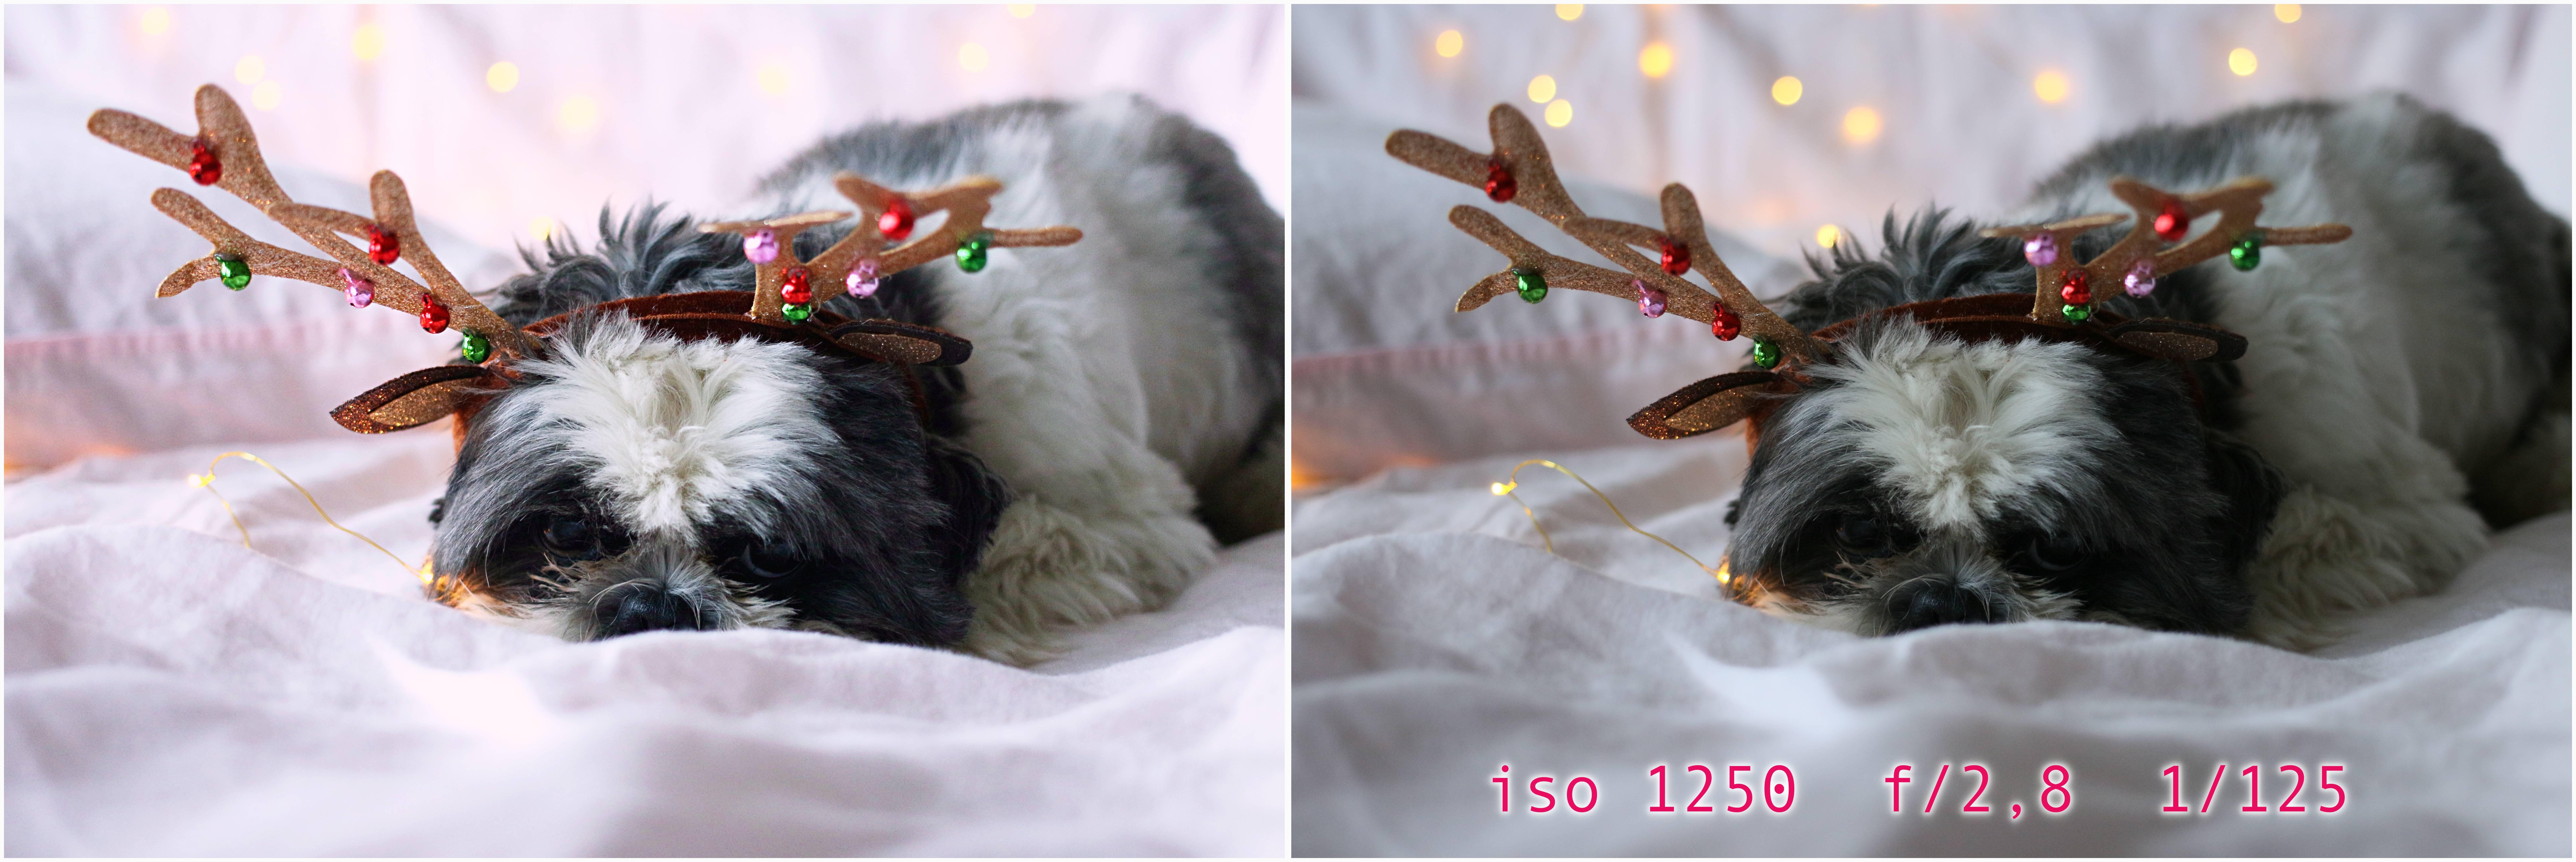 koira joulukorttikuvaus